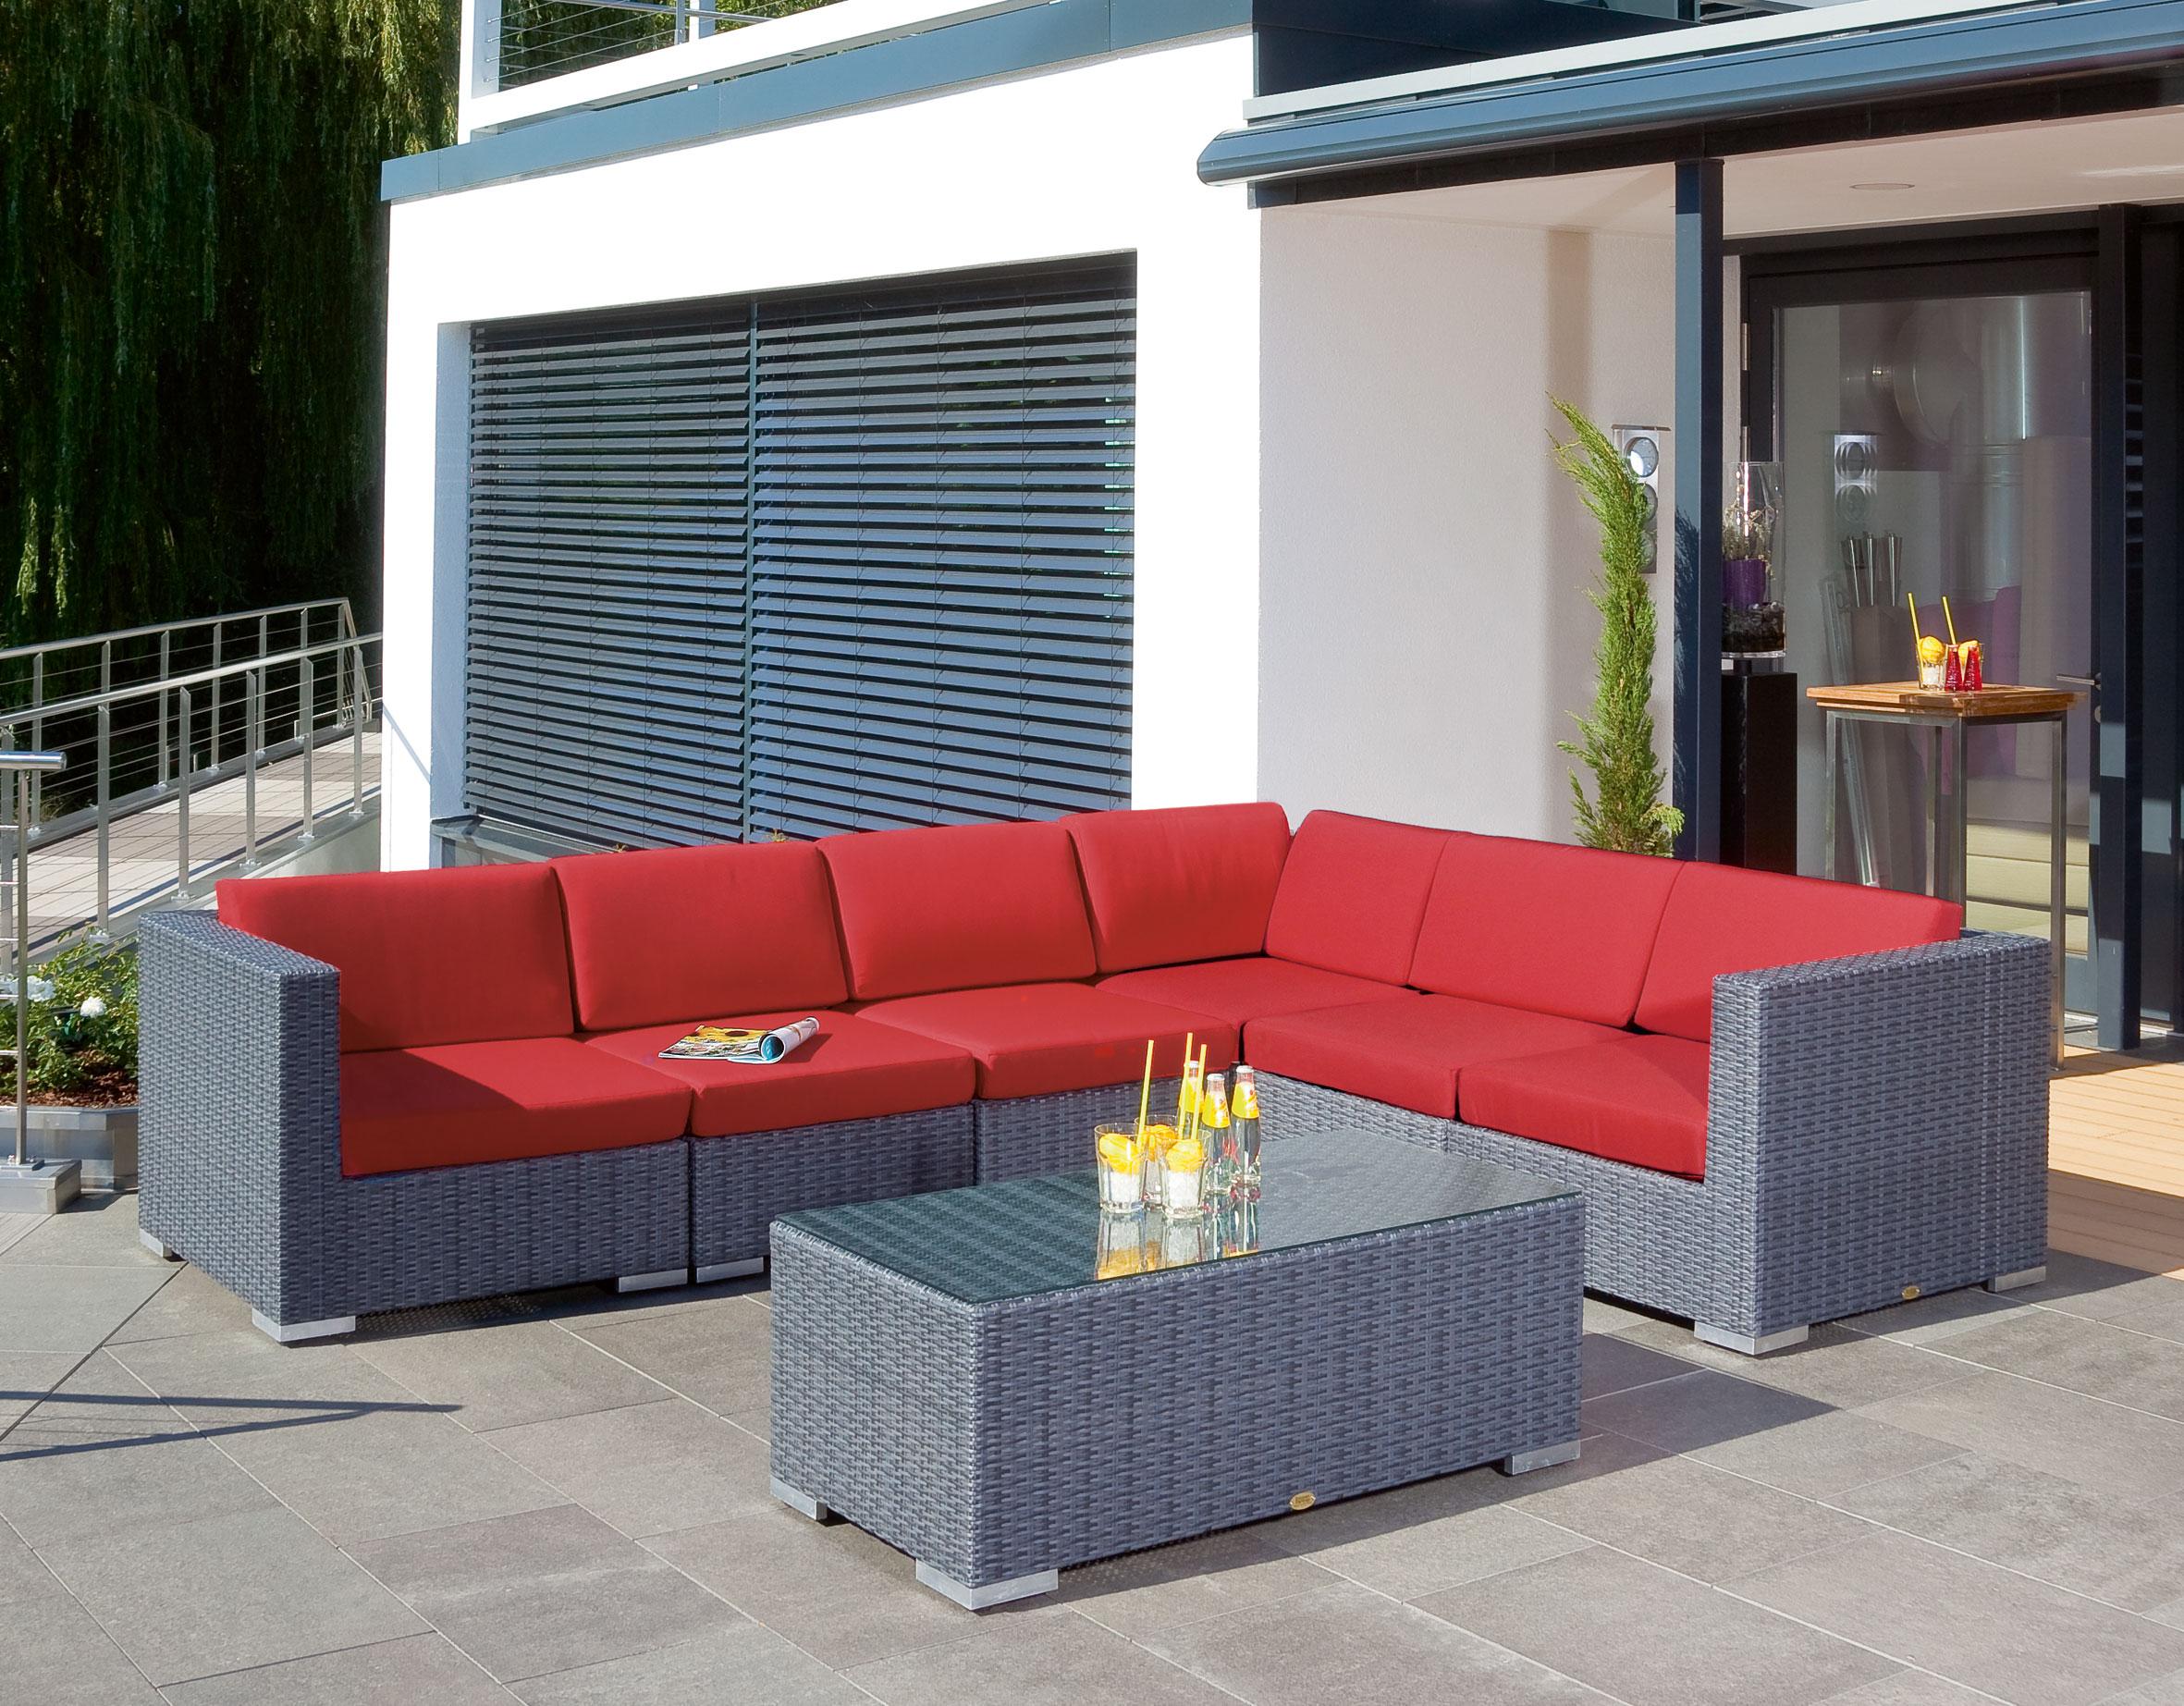 Gartentisch Korbmöbel wetterfest Residence 120x60cm graphit-schwarz Bild 2